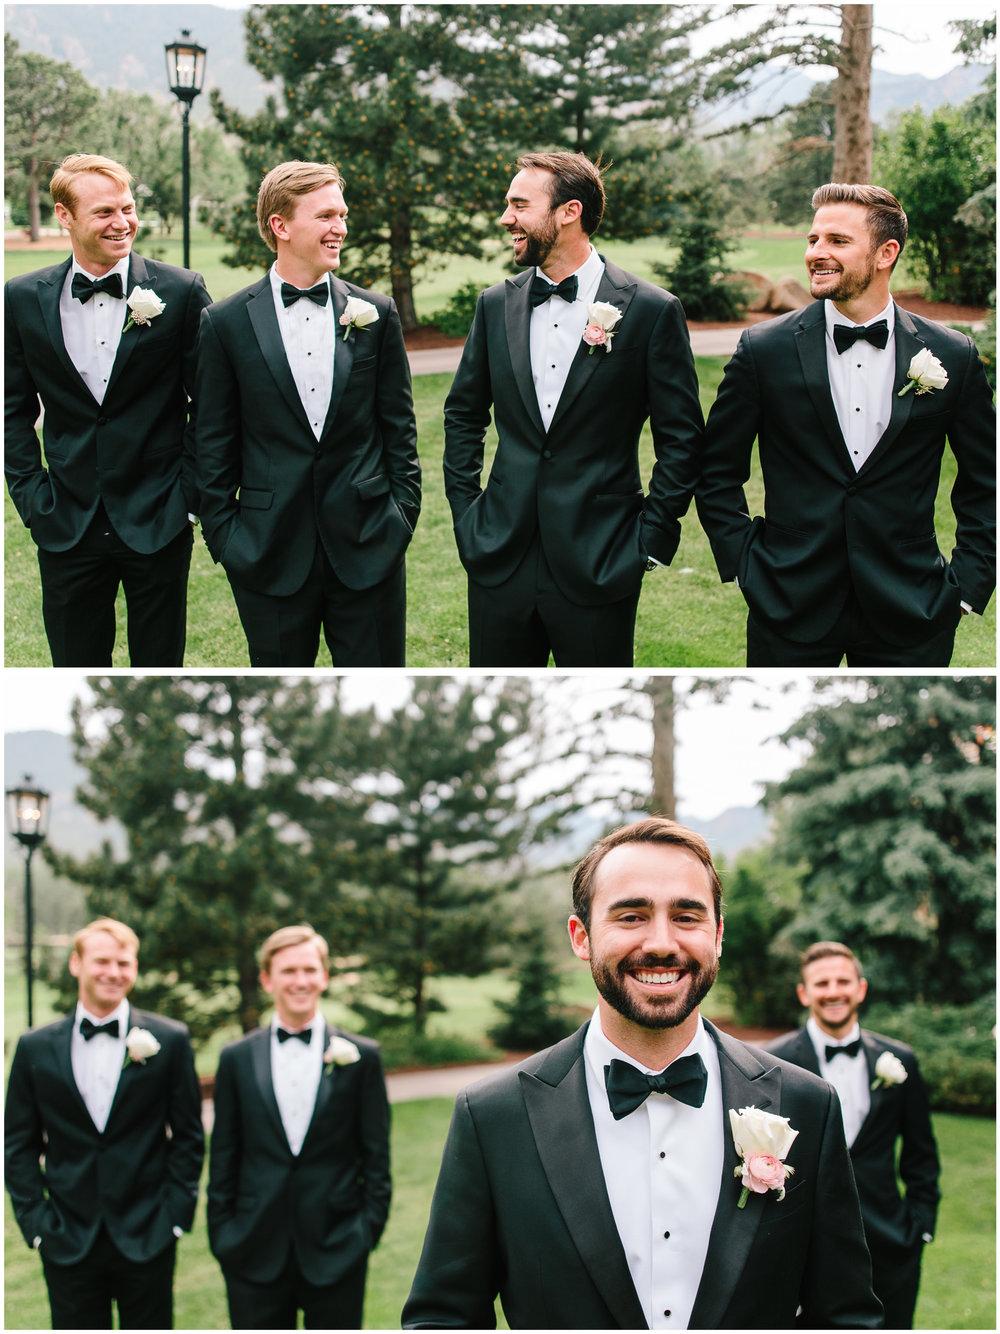 broadmoor_wedding_42.jpg